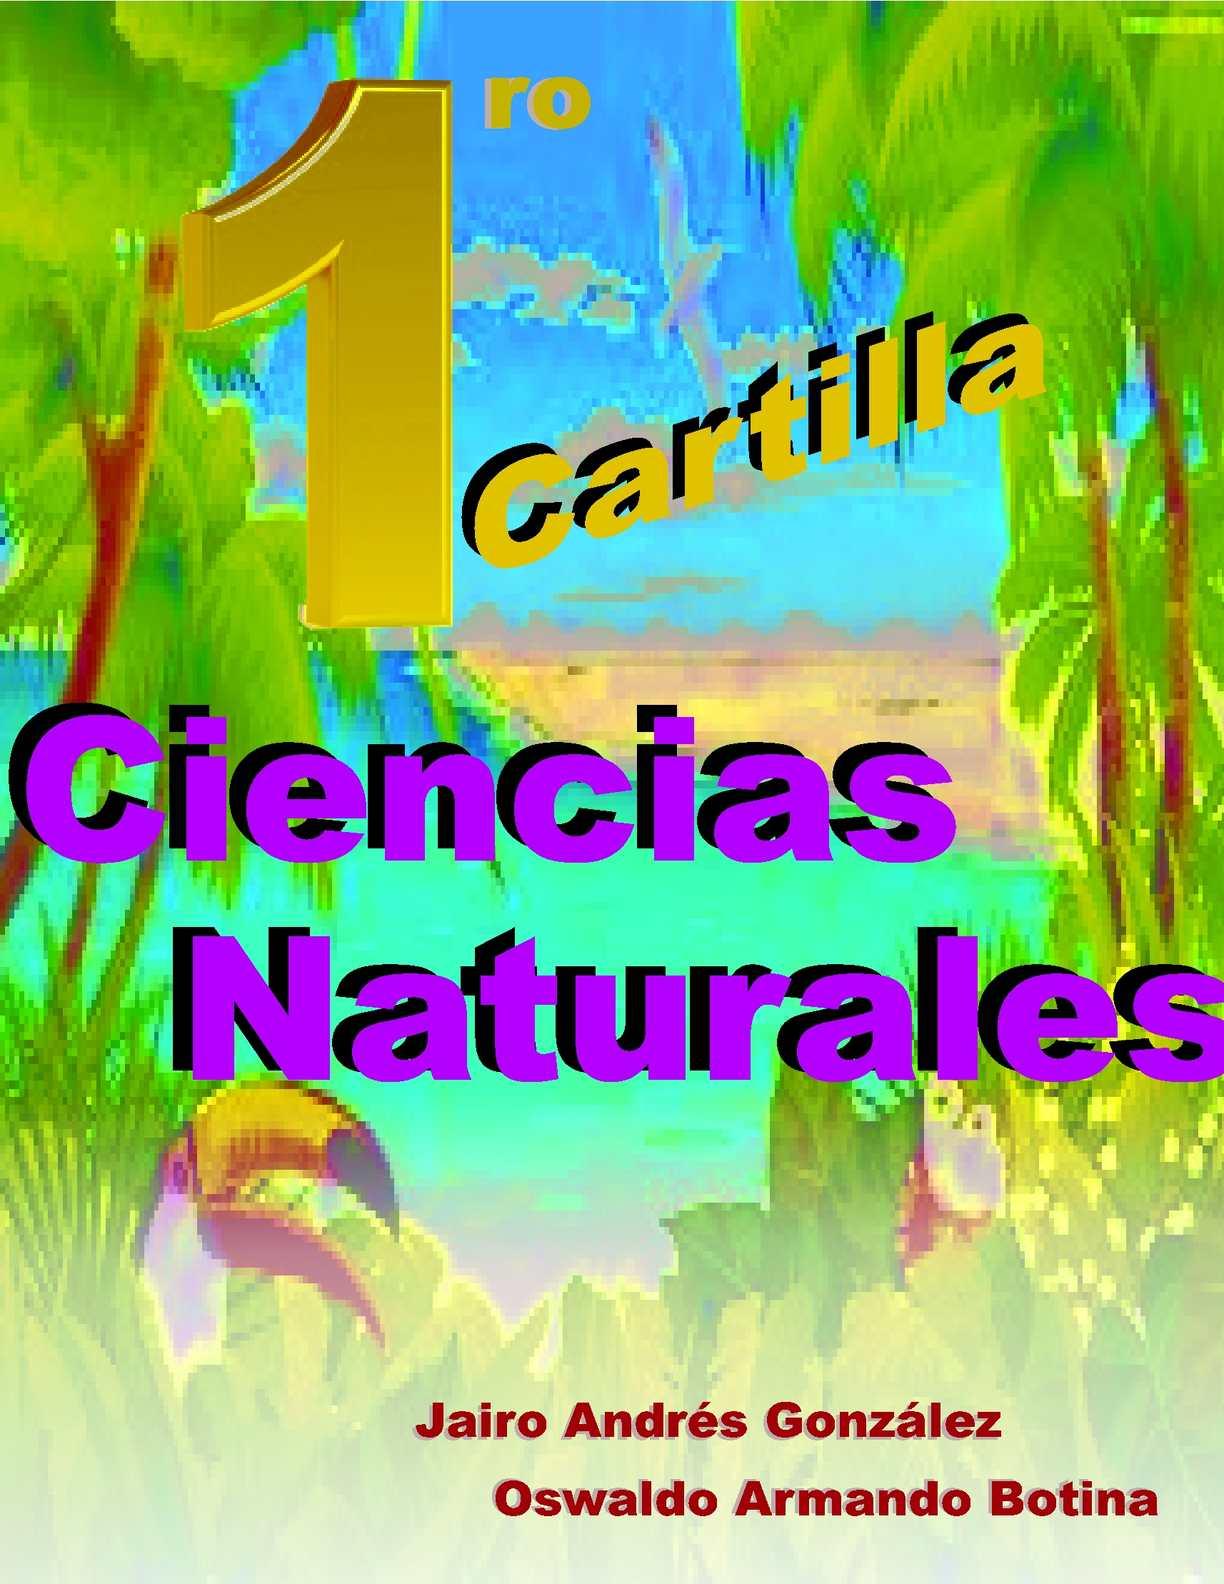 CARTILLA CIENCIAS NATURALES